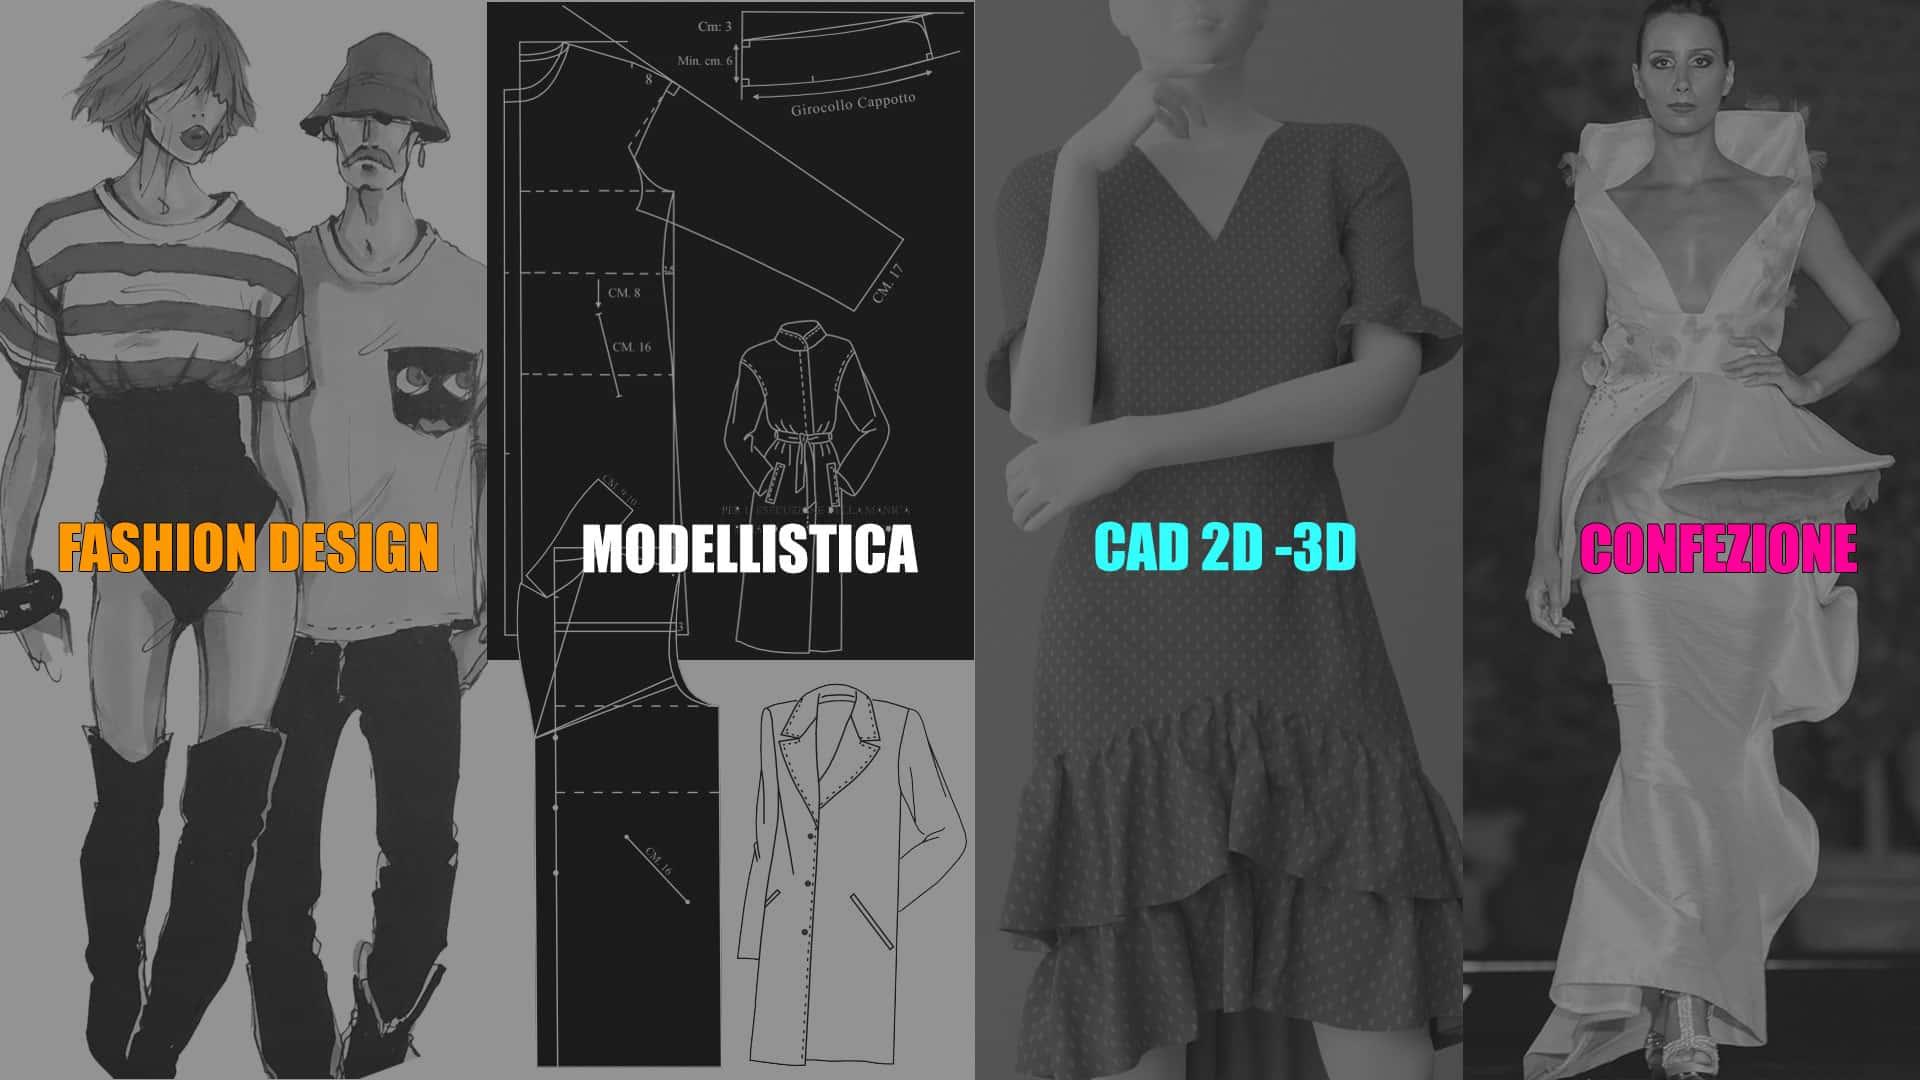 Le Professioni più richieste nel settore Moda, Fashion Design, Modellistica, CAD, Confezione